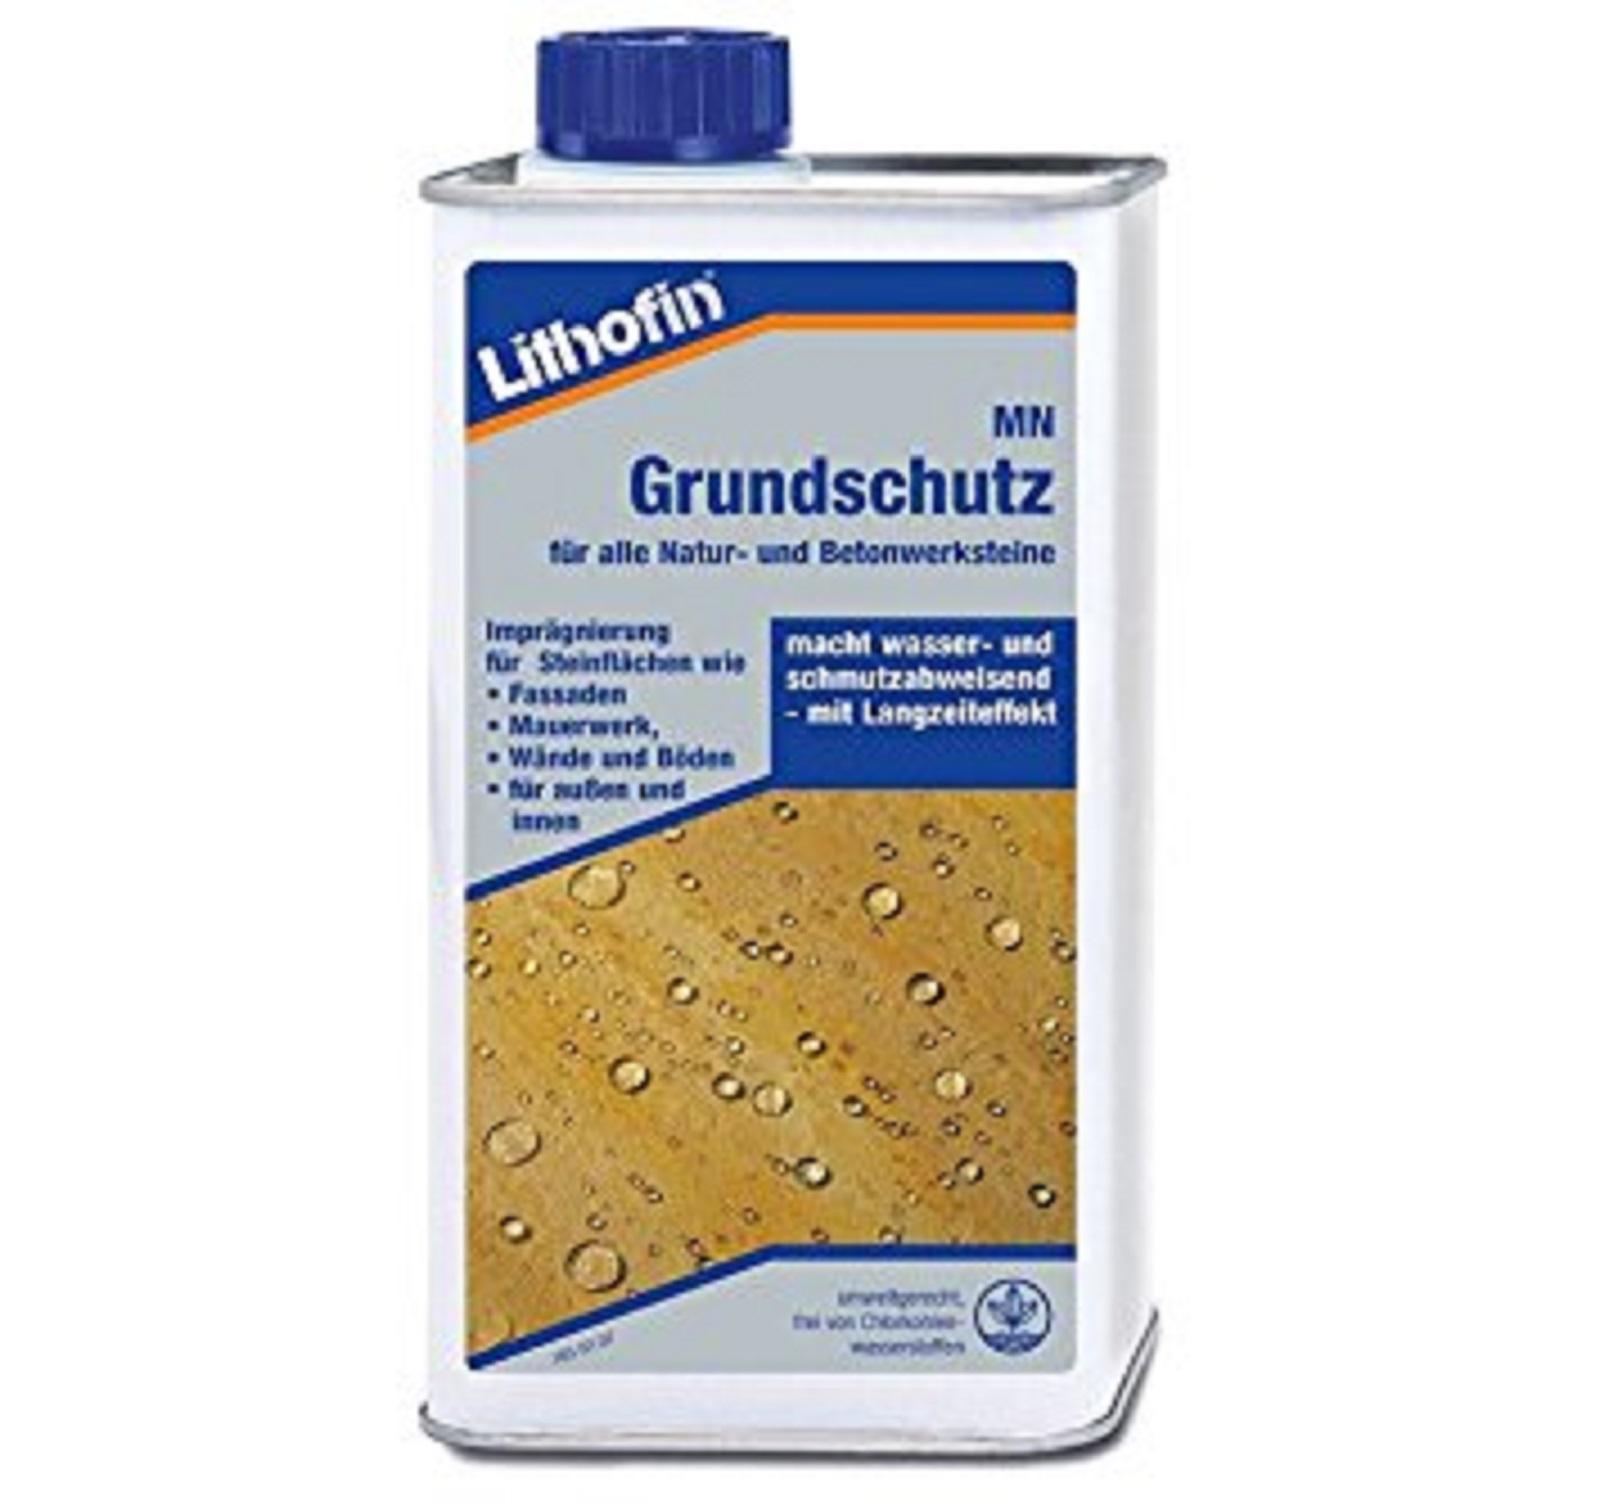 Lithofin MN Grundschutz Steinimprägnierung